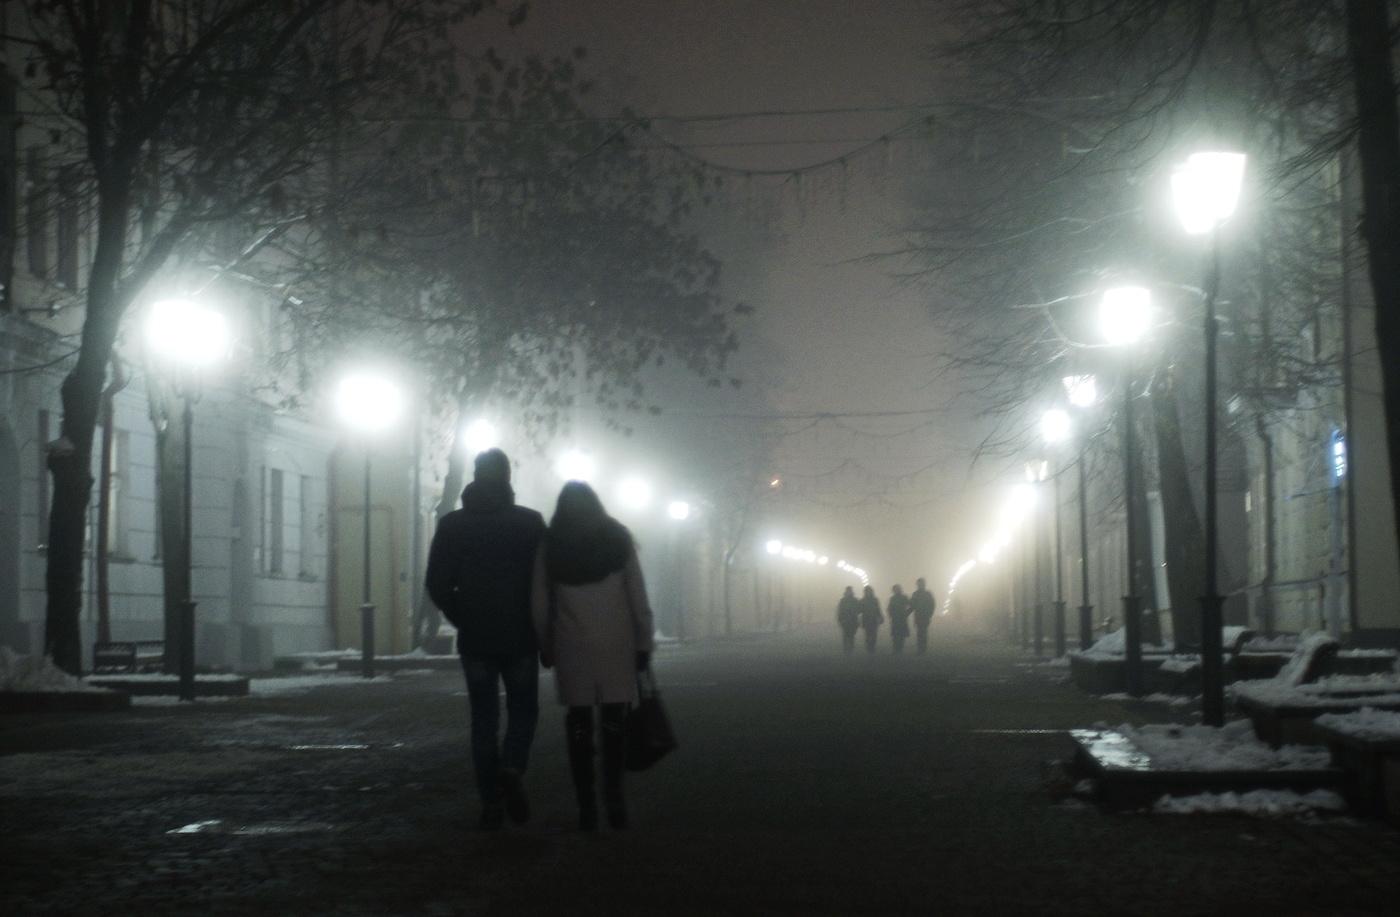 фото вечерний туман в городе видишь глаз, выражения